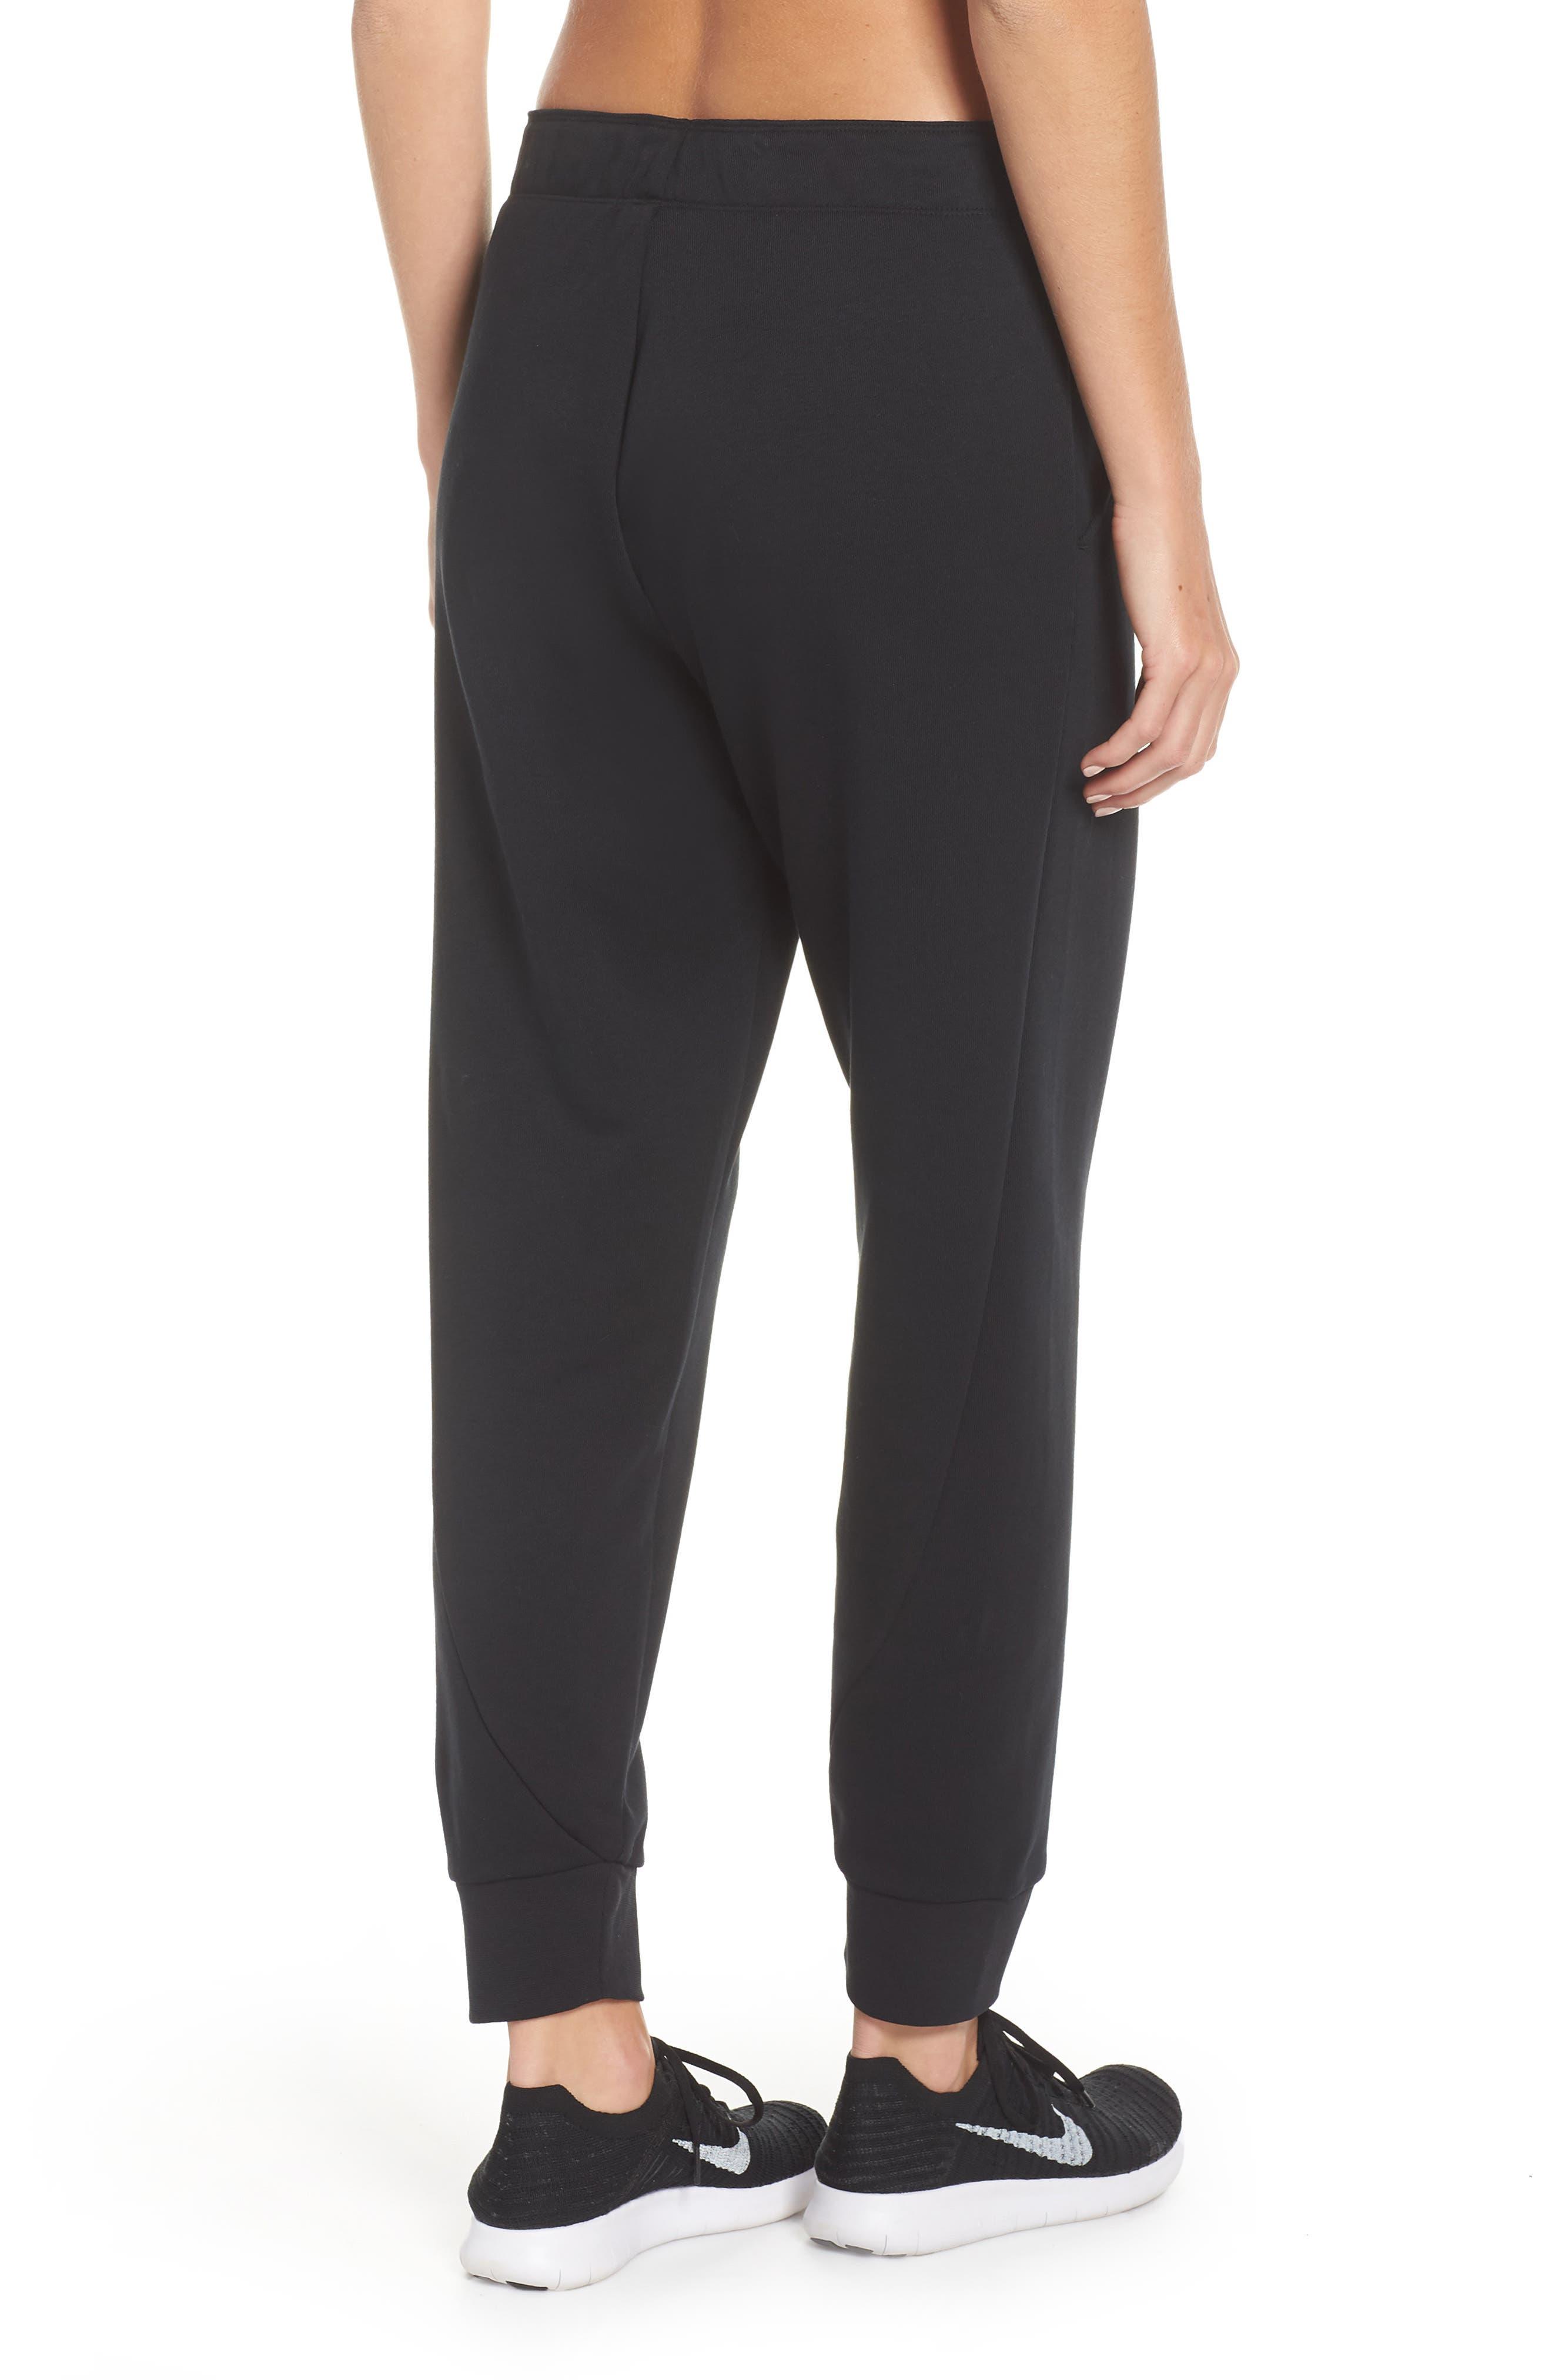 Tapered Training Pants,                             Alternate thumbnail 2, color,                             BLACK/ BLACK